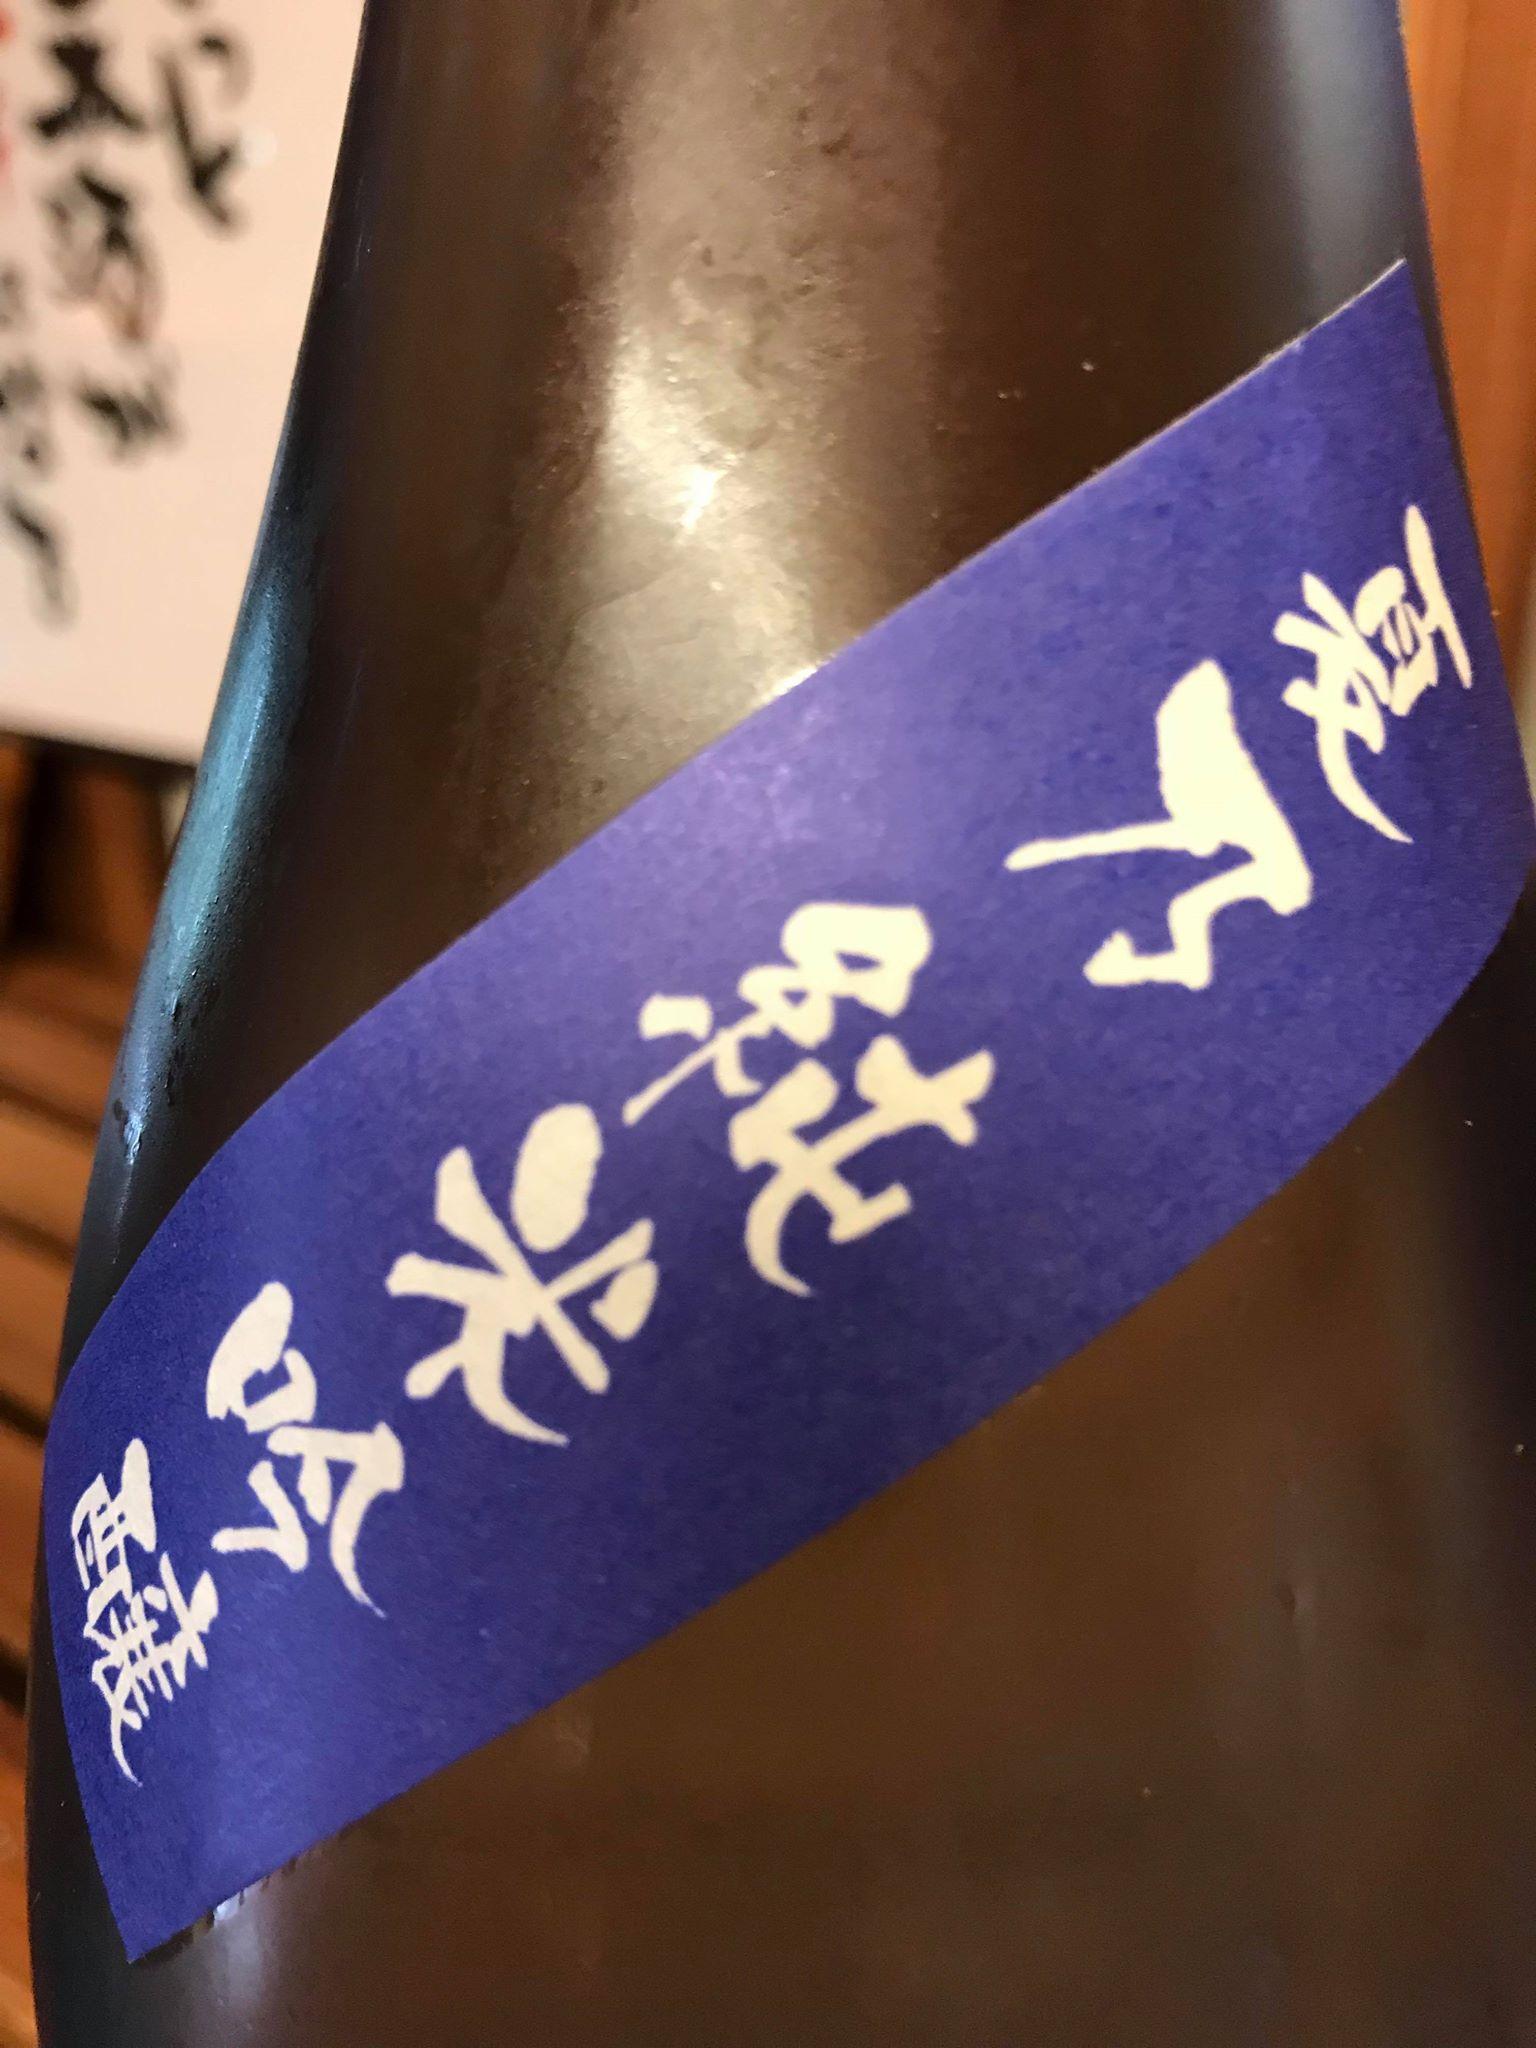 【日本酒】颯 夏乃純米吟醸 生貯蔵酒 氷温熟成SPver 五百万石55 限定 29BY_e0173738_15134529.jpg